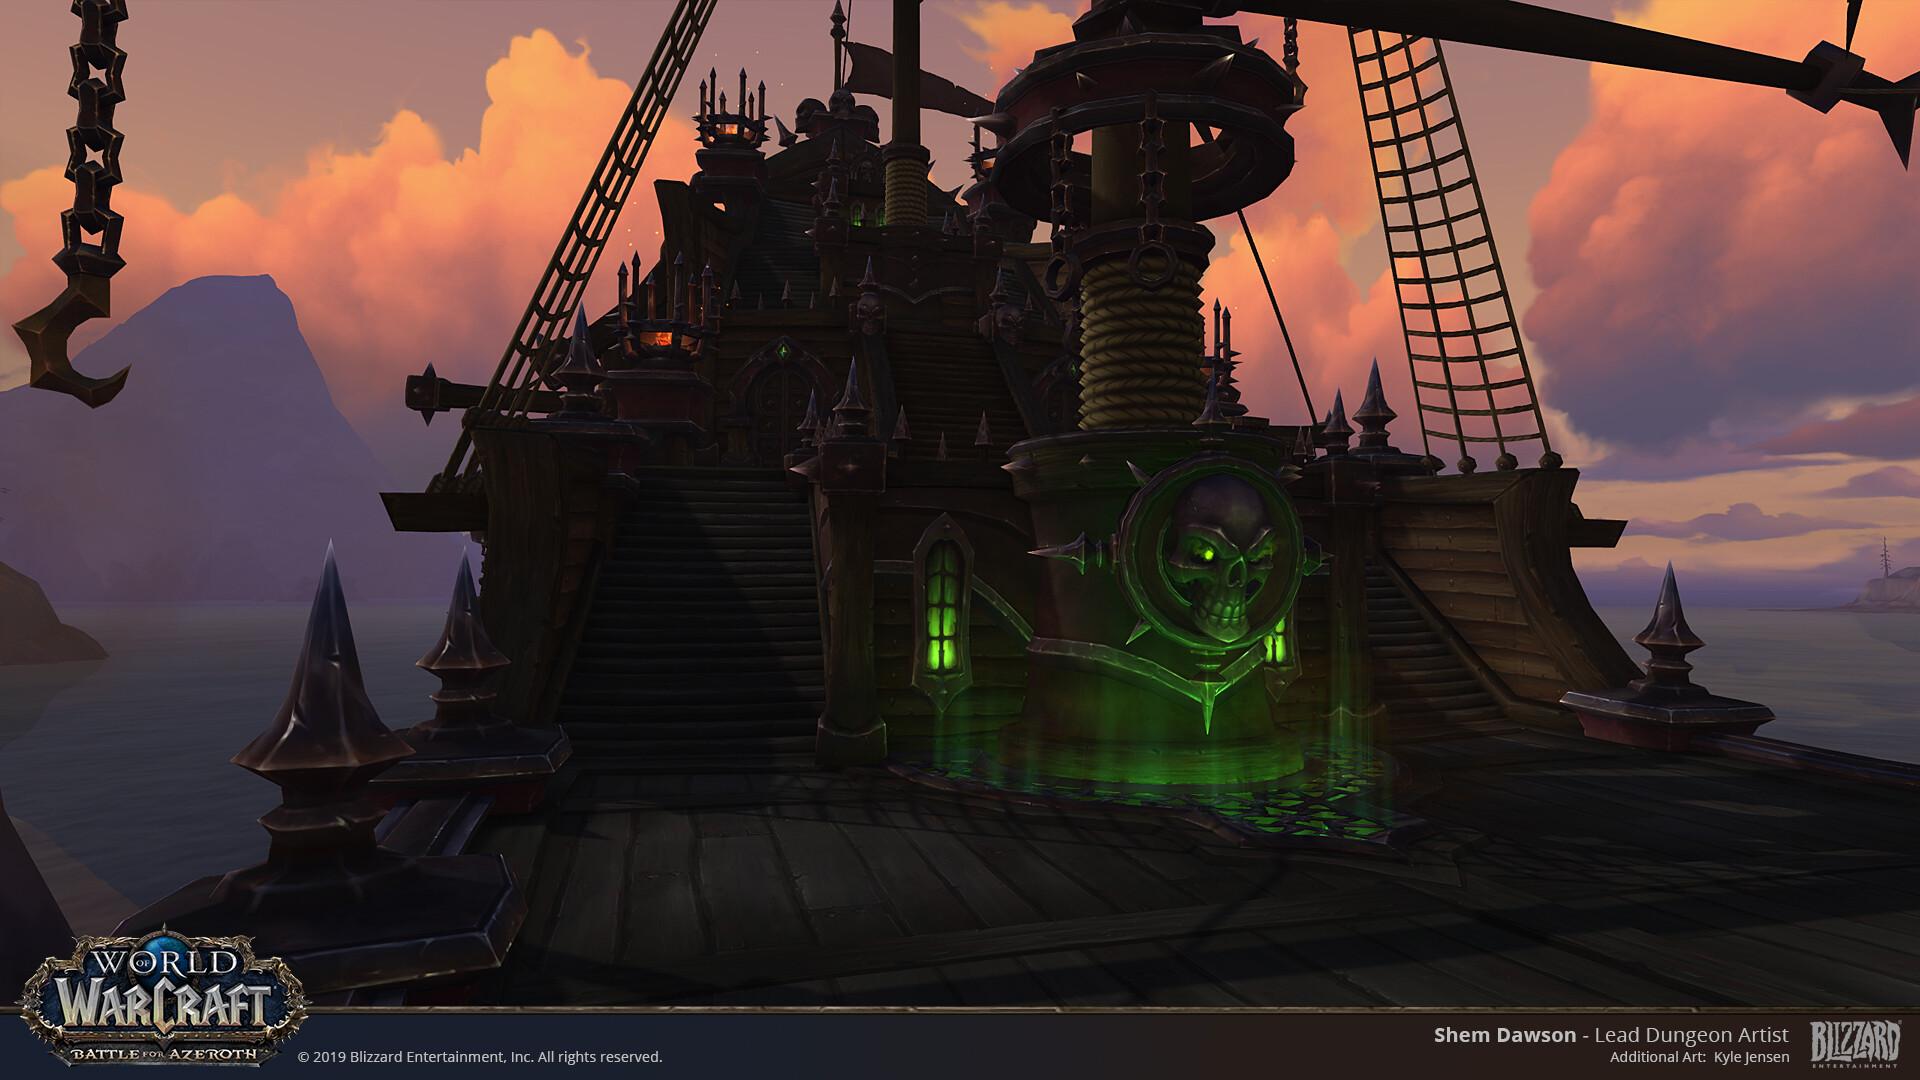 Shem dawson forskaen ship image05